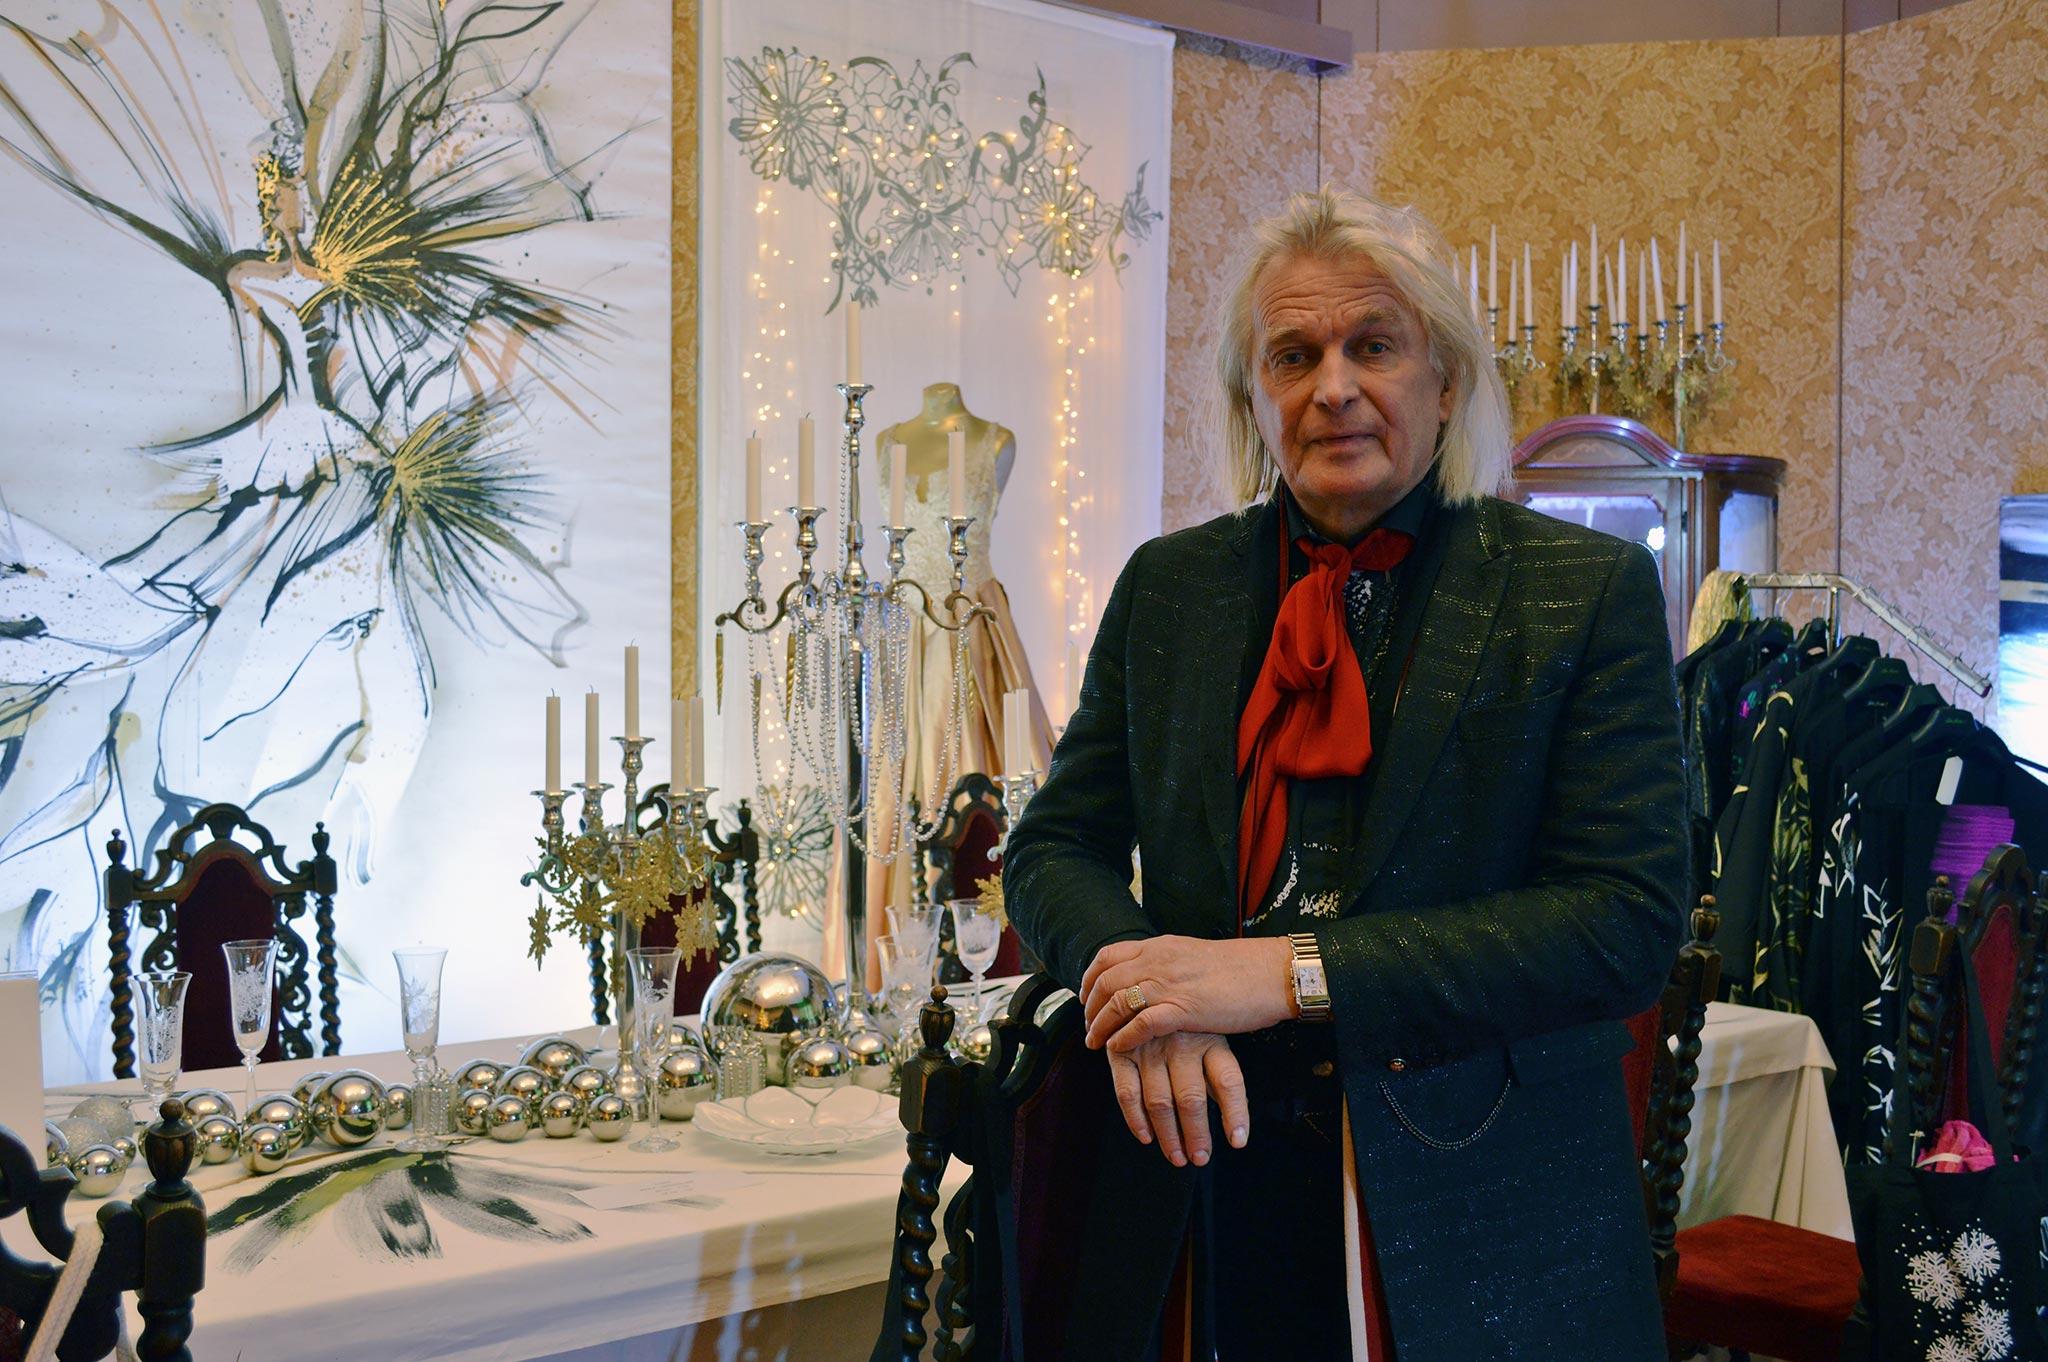 Muotisuunnittelija Jukka Rintala poseeraa ylellisen juhlakattauksensa edessä Aladinin palatsissa. © Elisa Helenius